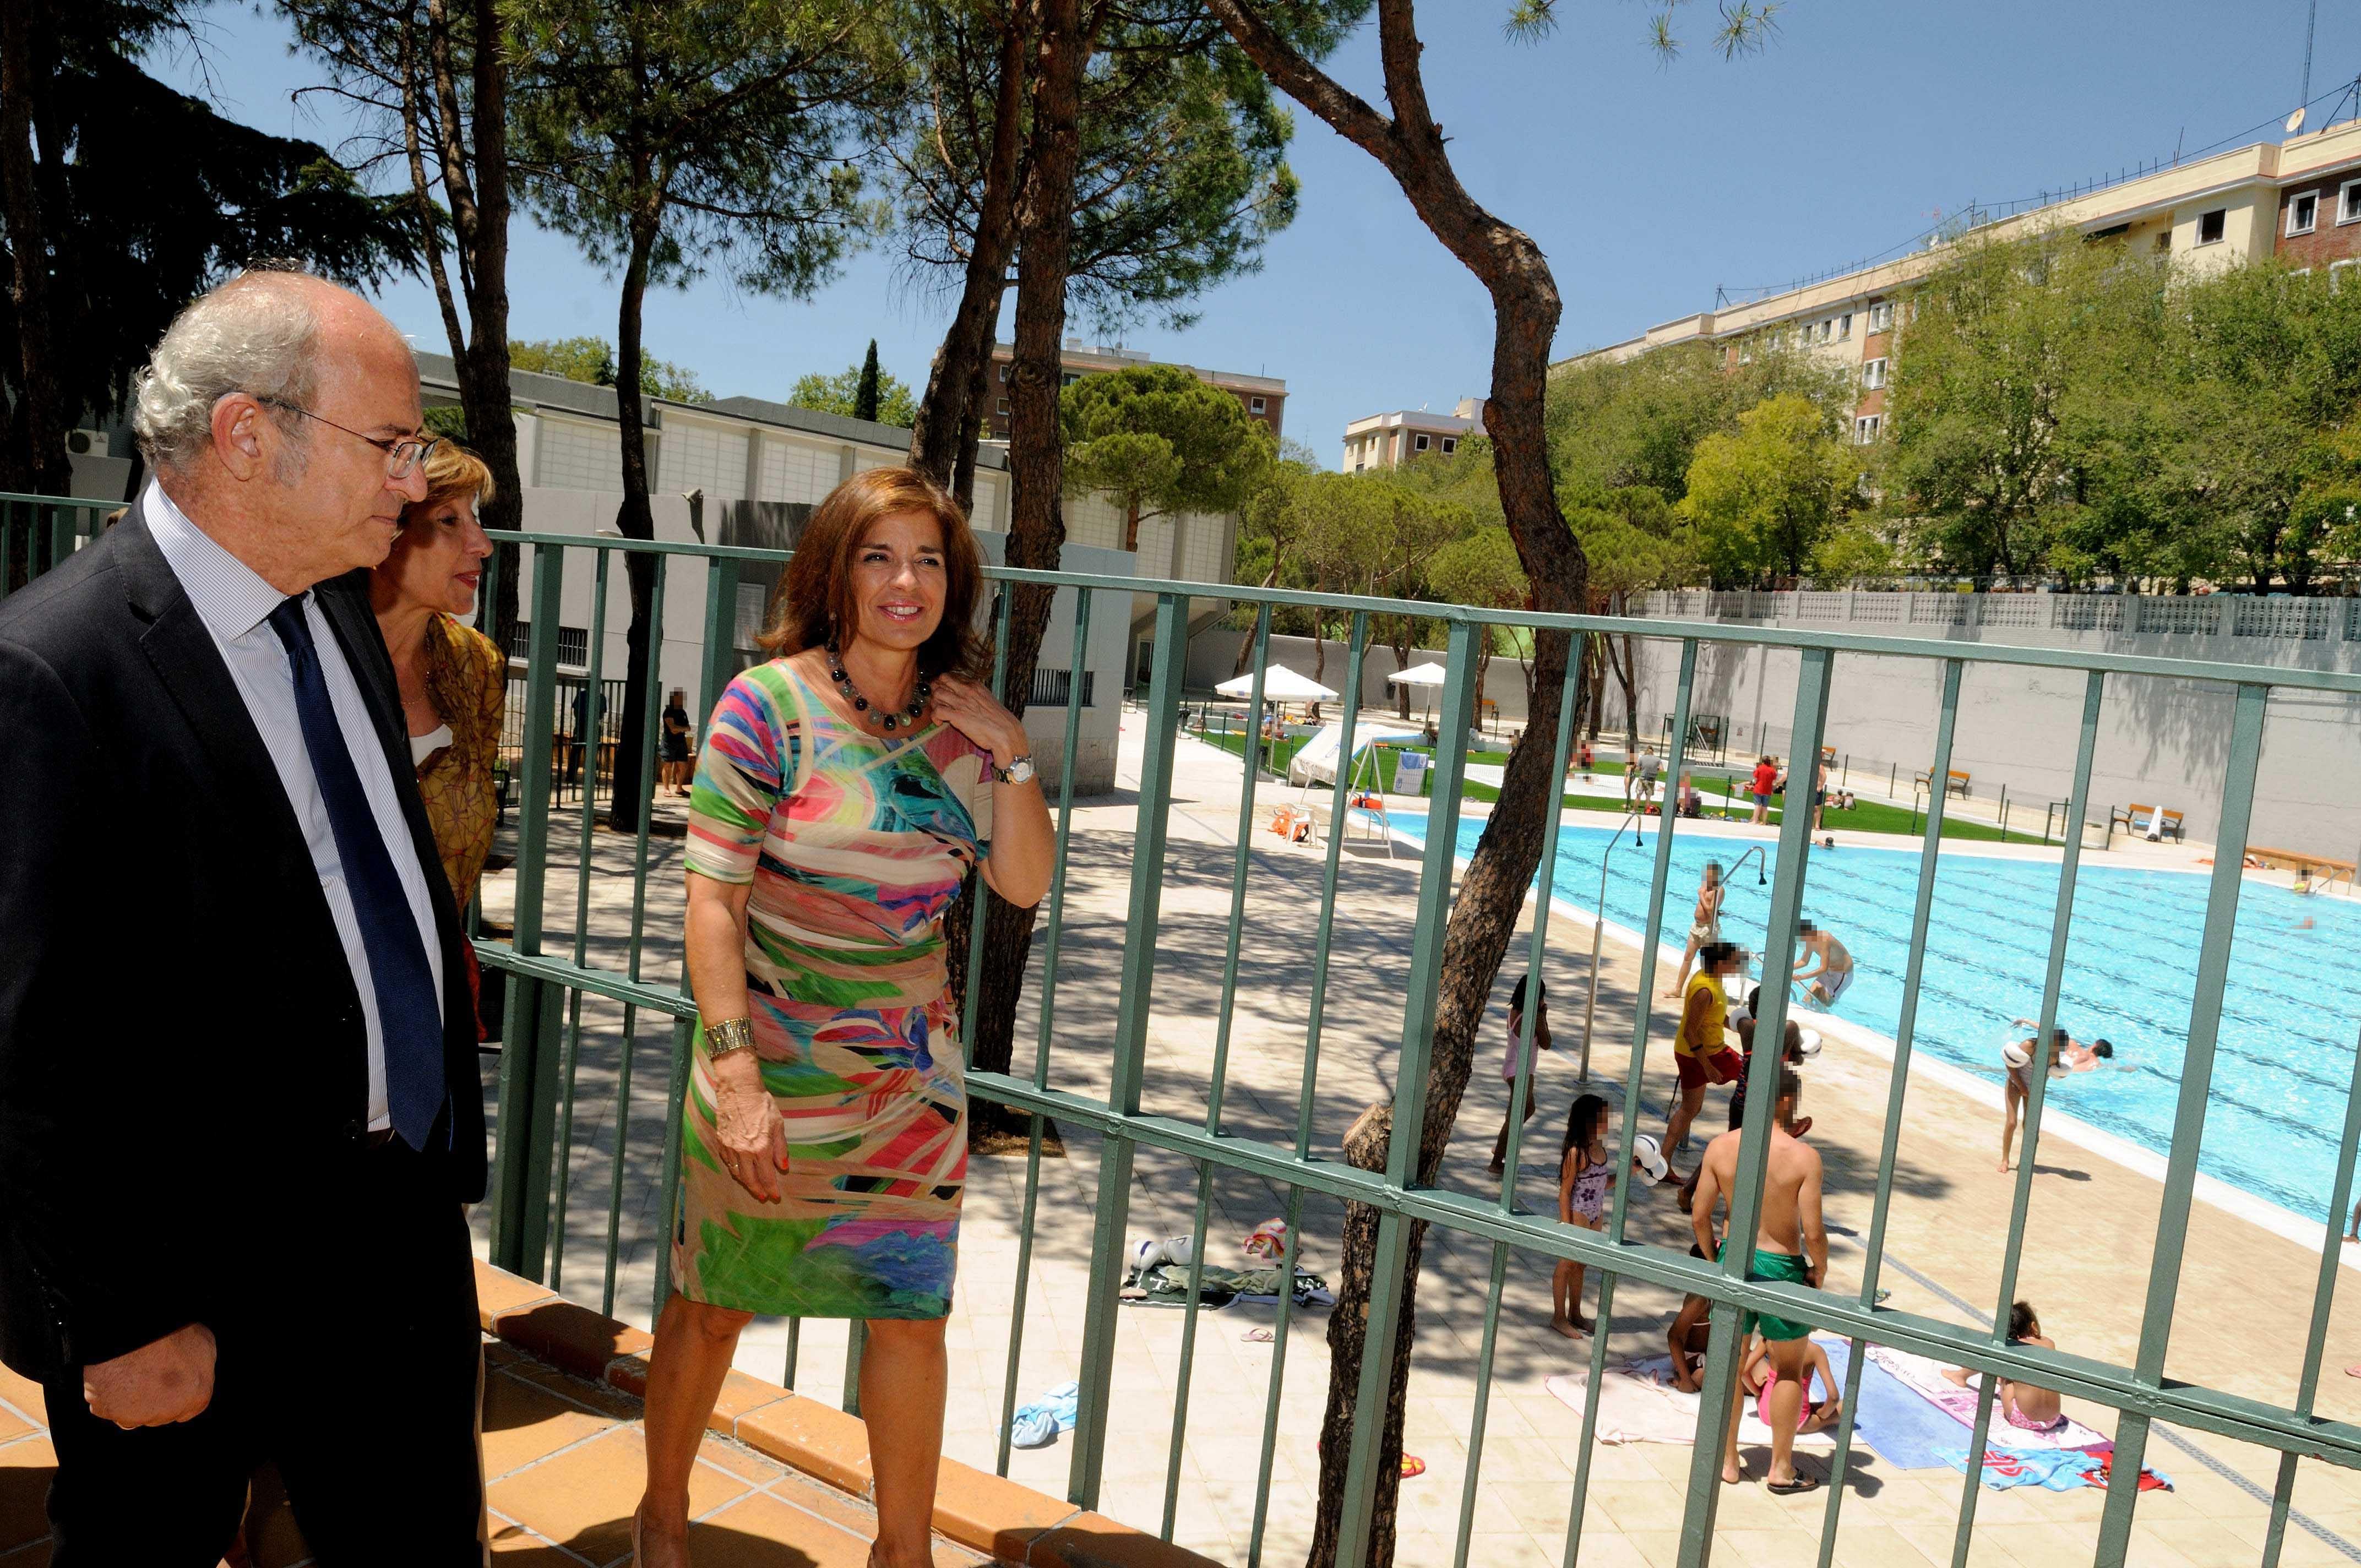 La piscina del barrio de la concepci n a pleno for Piscinas publicas madrid centro